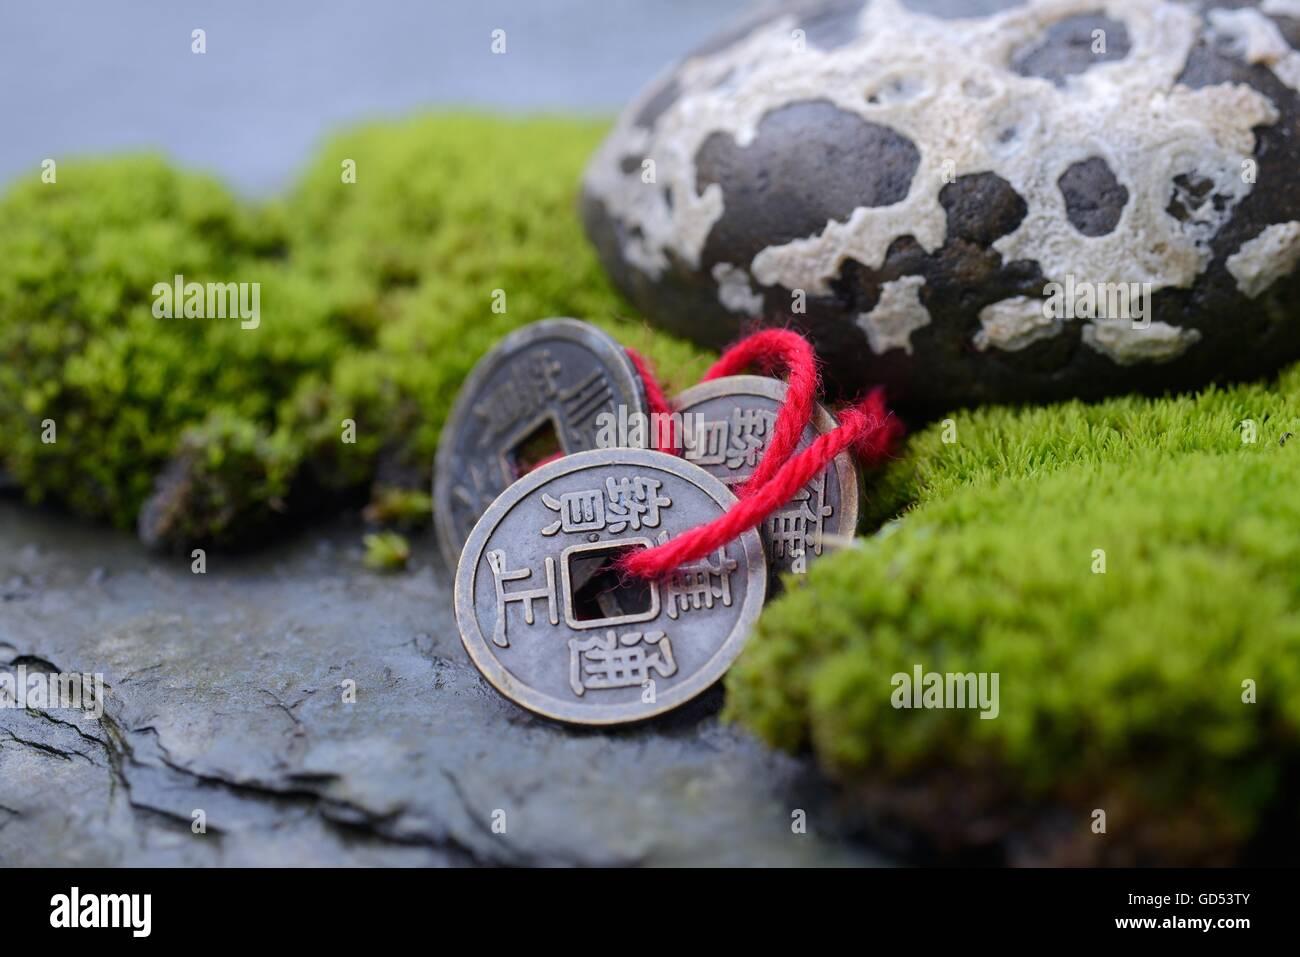 Chinesische Gluecksmuenzen mit Moos und Stein, Glueck - Stock Image